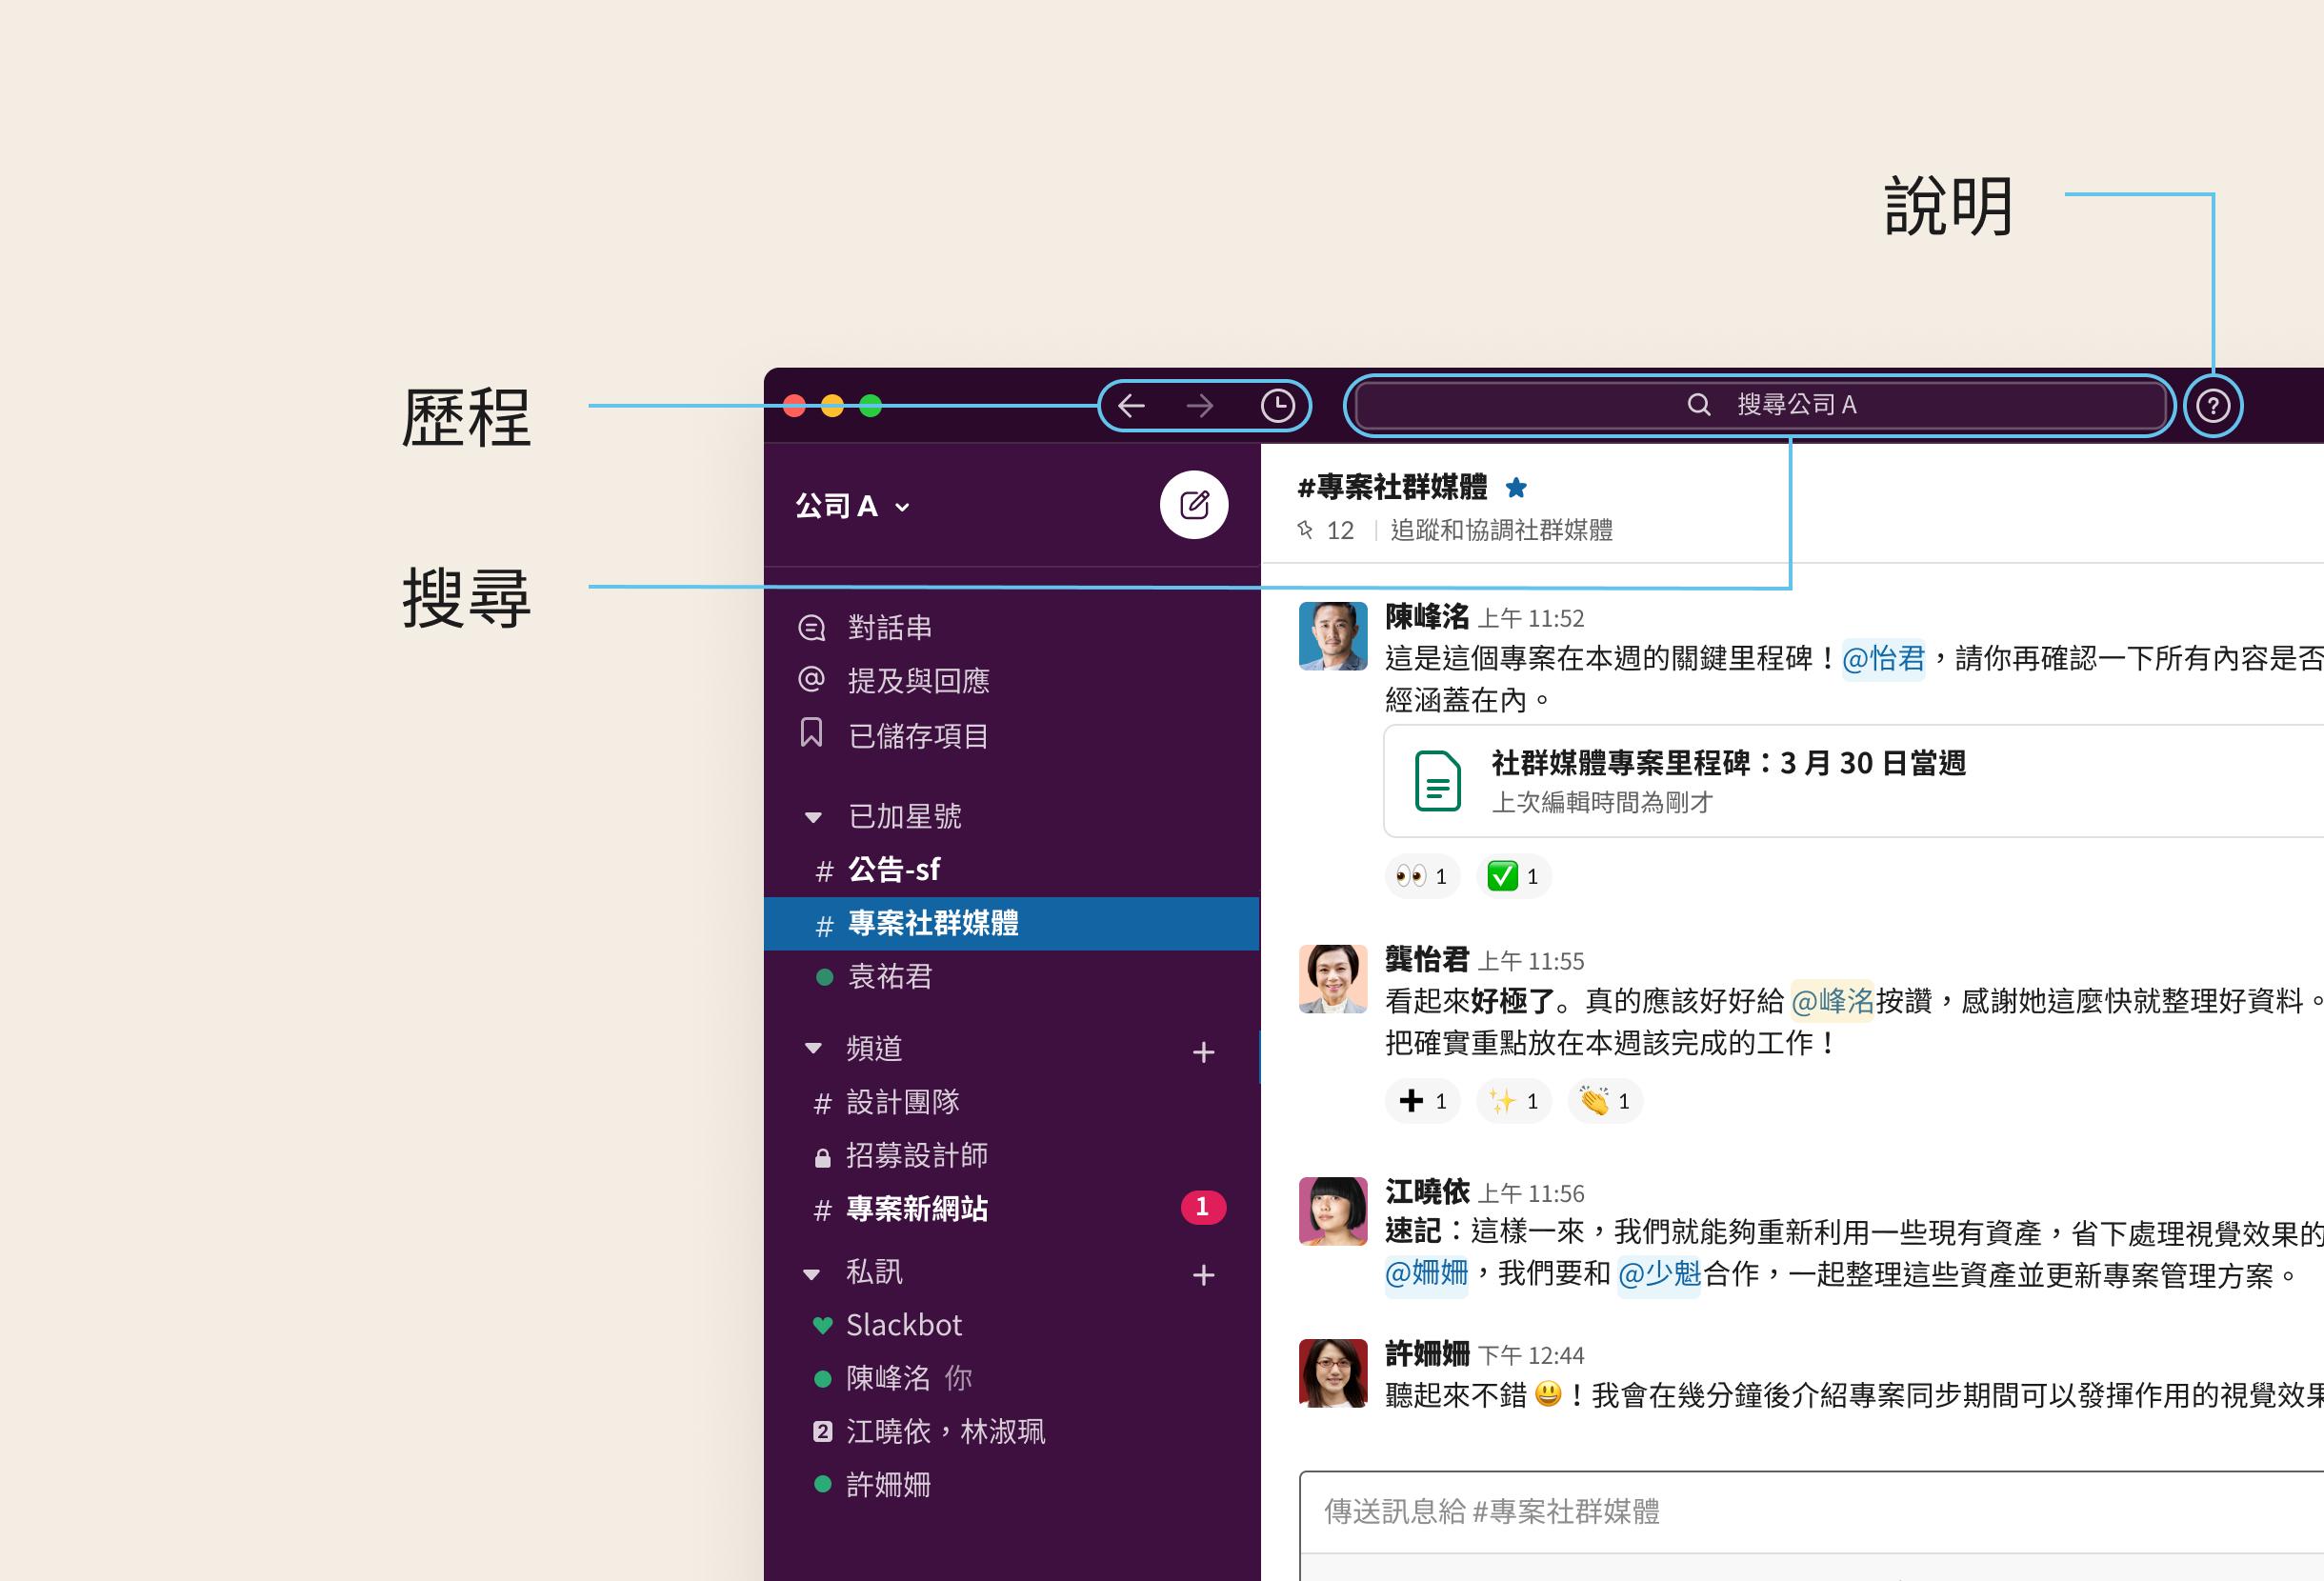 Slack 桌面應用程式頂端顯示導覽圖示和搜尋列